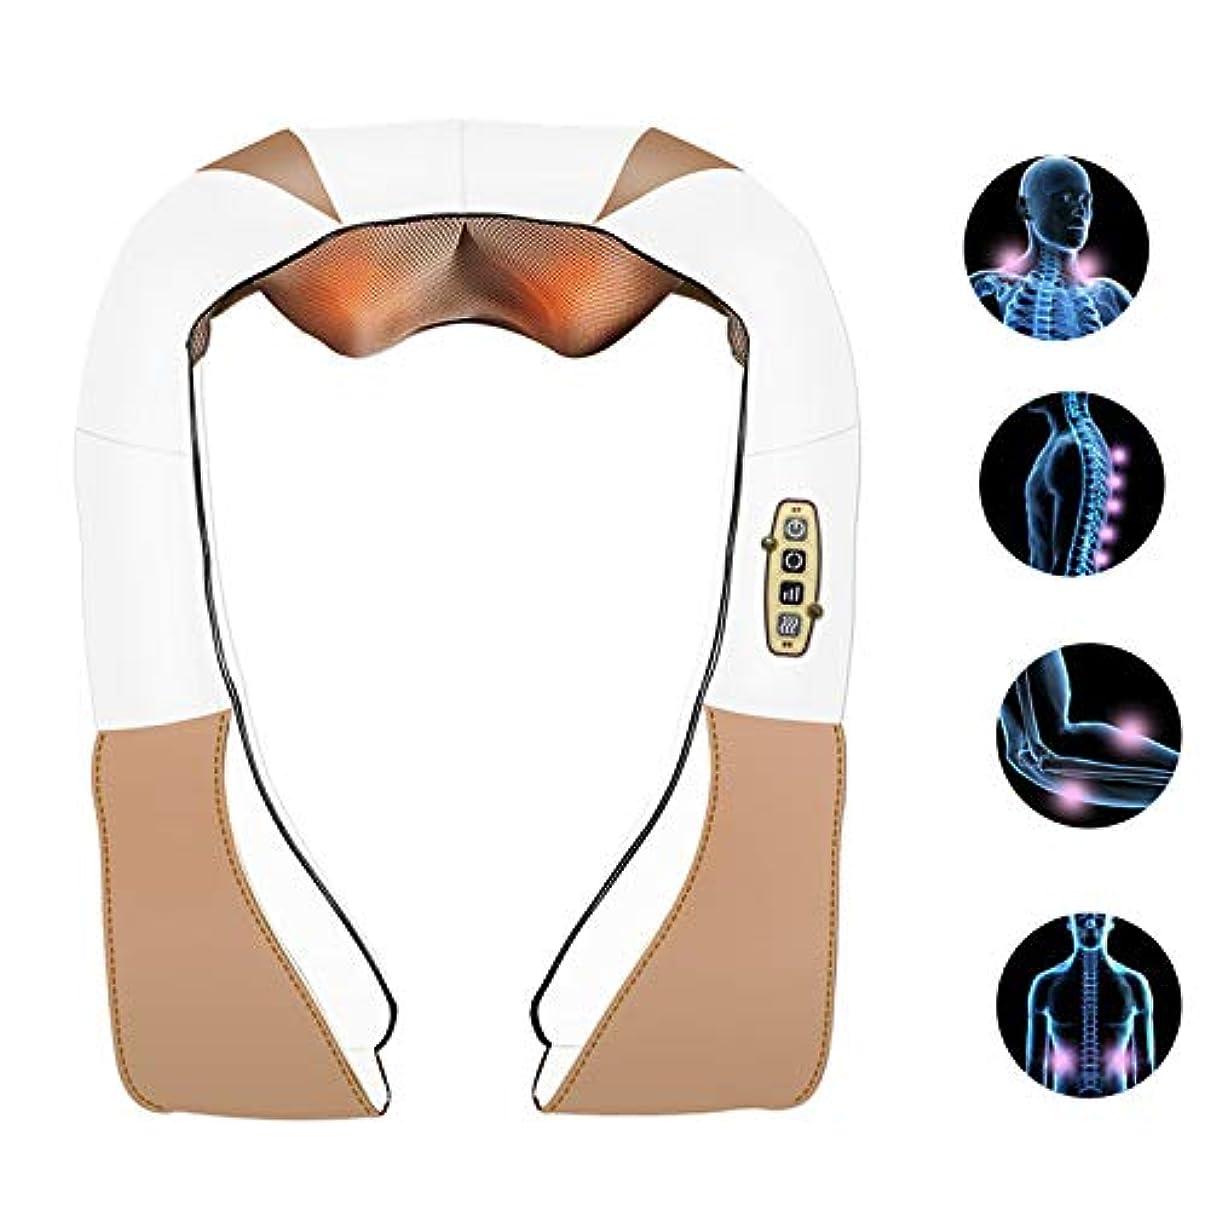 時代シャトルアンテナ深いShiみのティッシュ4Dのステレオのマッサージの二重指の背部および首のマッサージャーの二重低雑音の設計は筋肉苦痛を取り除きます